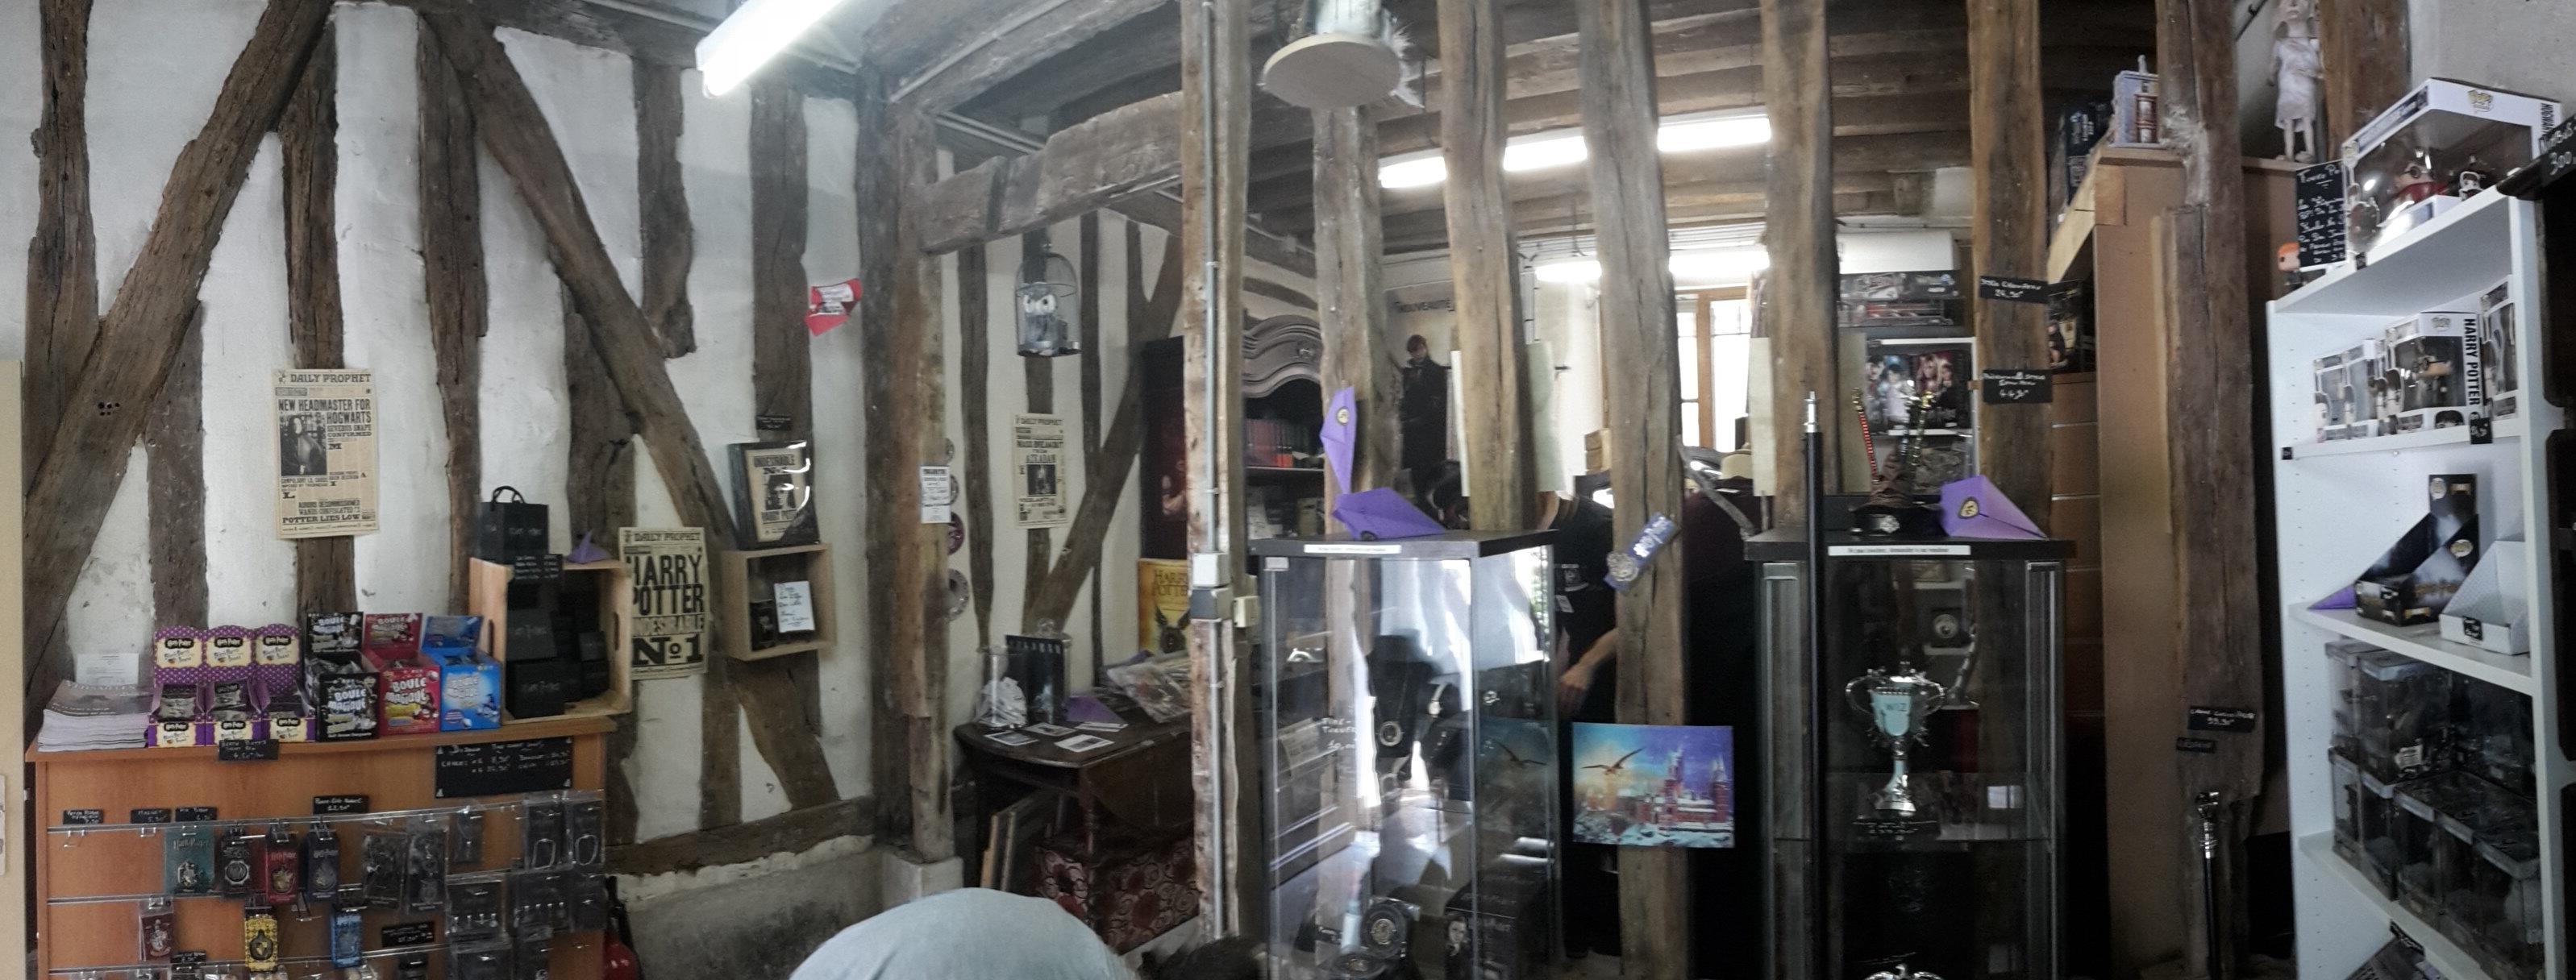 Intérieur du magasin Harry Potter L'Armoire Geek à Versailles